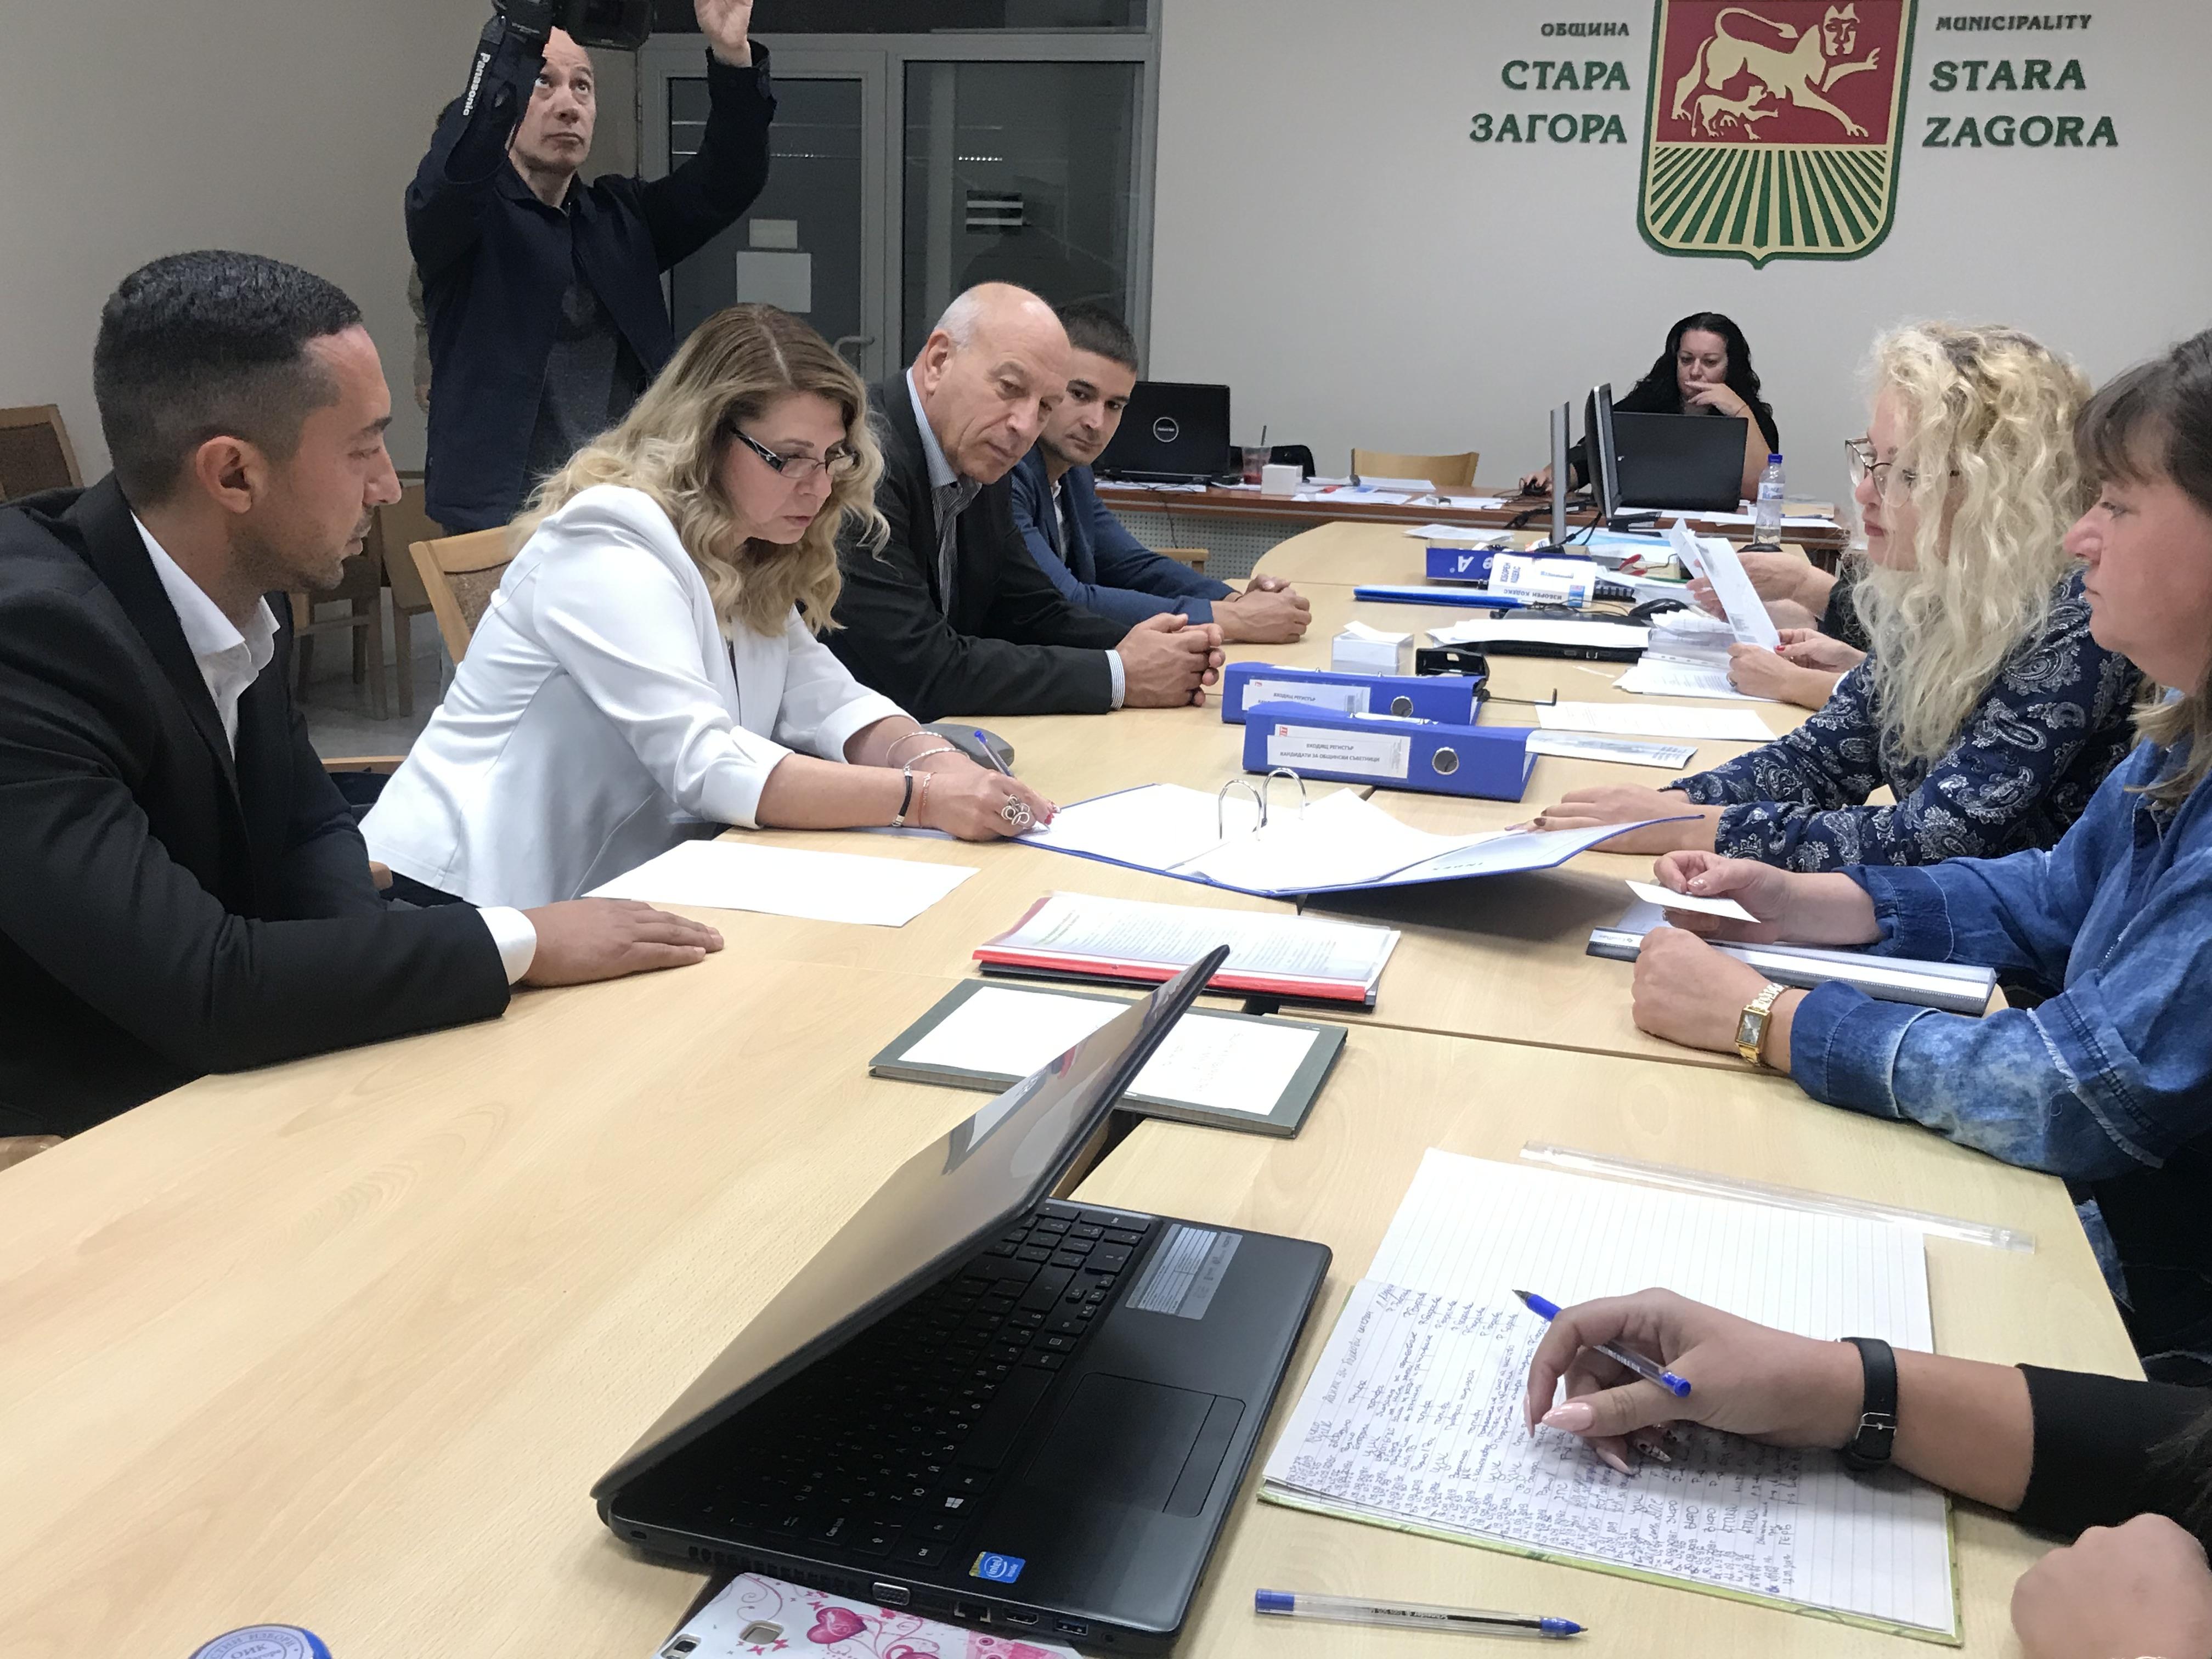 ГЕРБ Стара Загора регистрира кандидатите си за кмет и общински съветници